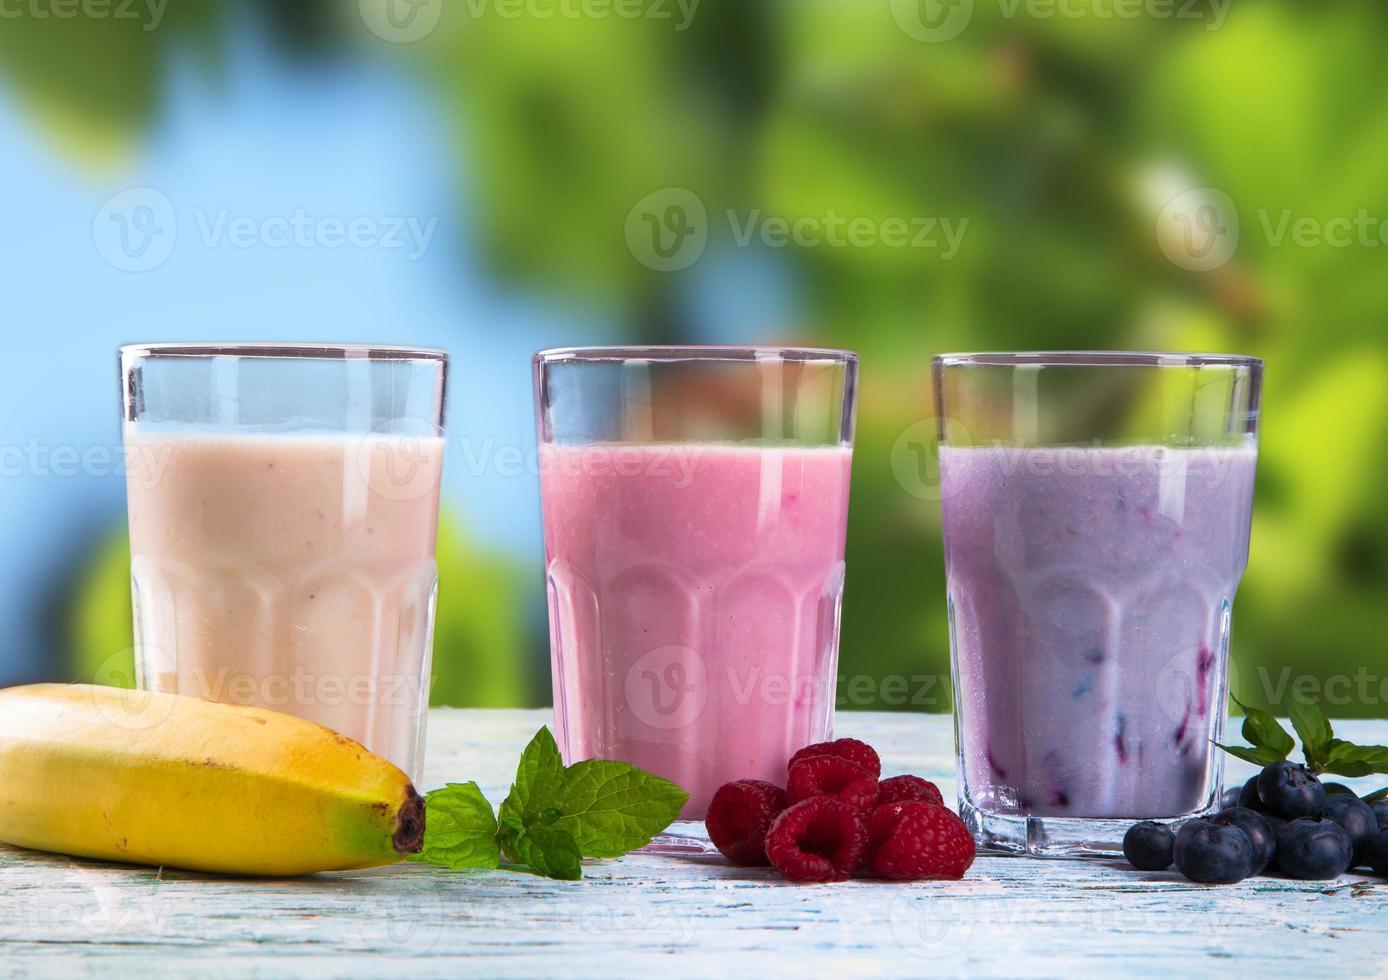 batido de leche de frutas frescas en madera foto